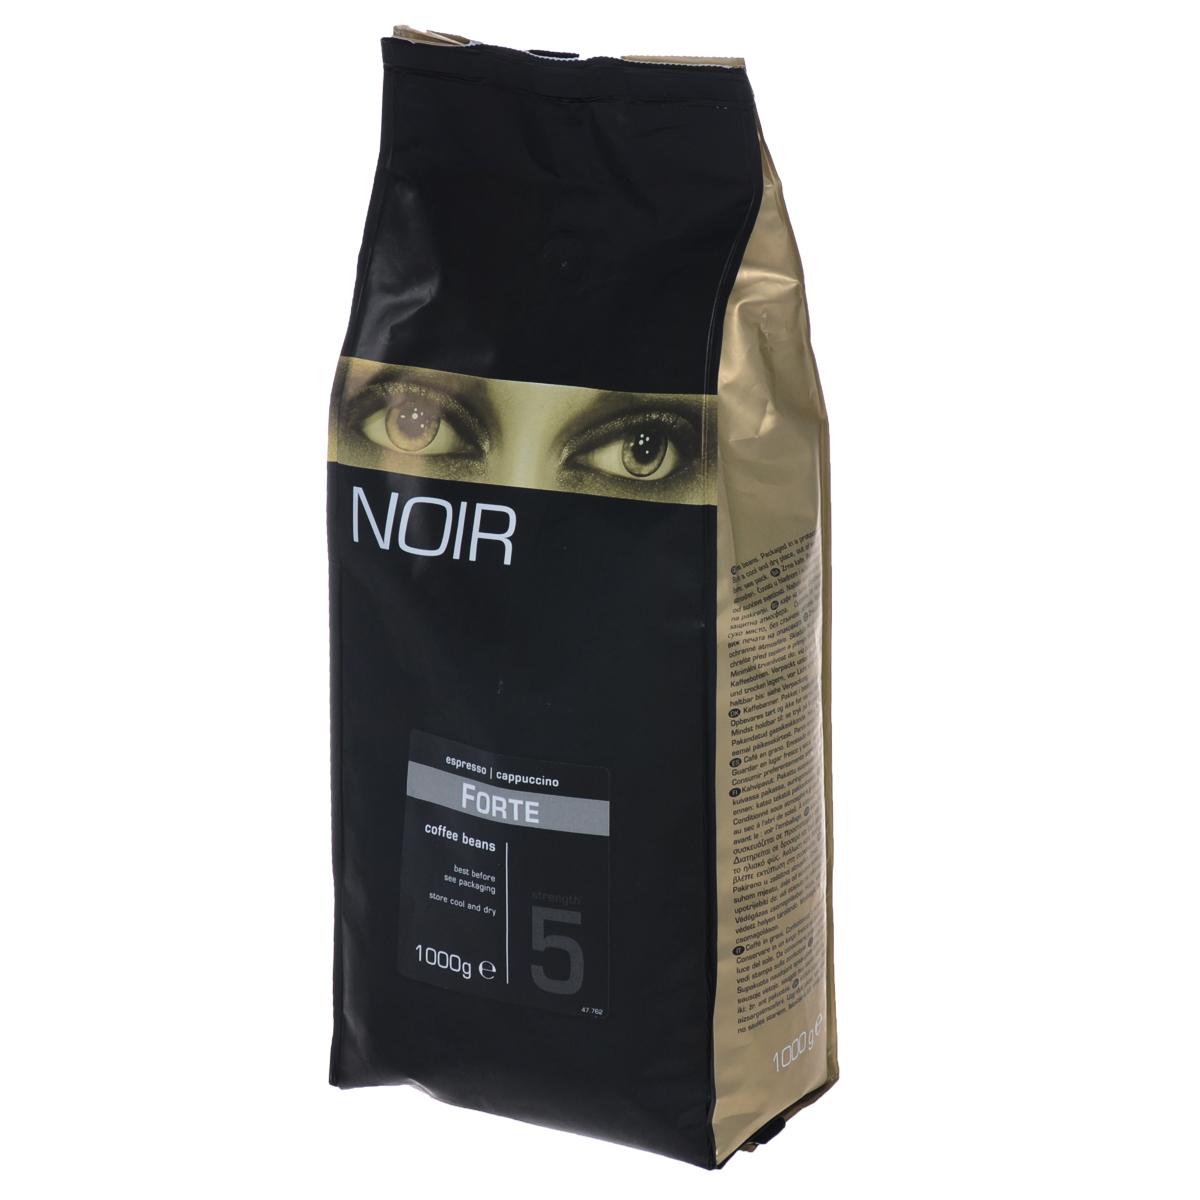 Noir Forte кофе в зернах, 1 кг8714858476611Кофе натуральный жареный в зернах Noir Forte - это качественный и крепкий напиток, который отличается пряным ароматом и насыщенным вкусом со сливочным оттенком. Данная кофейная смесь на 20% состоит из отборной Арабики и на 80% из Робусты. Большое количество Робусты обеспечивает воздушную шапку пены при приготовлении эспрессо. Мощный и будоражащий вкус кофе Noir Forte прекрасно подходит для тех кофеманов, которые не могут проснуться по утрам.